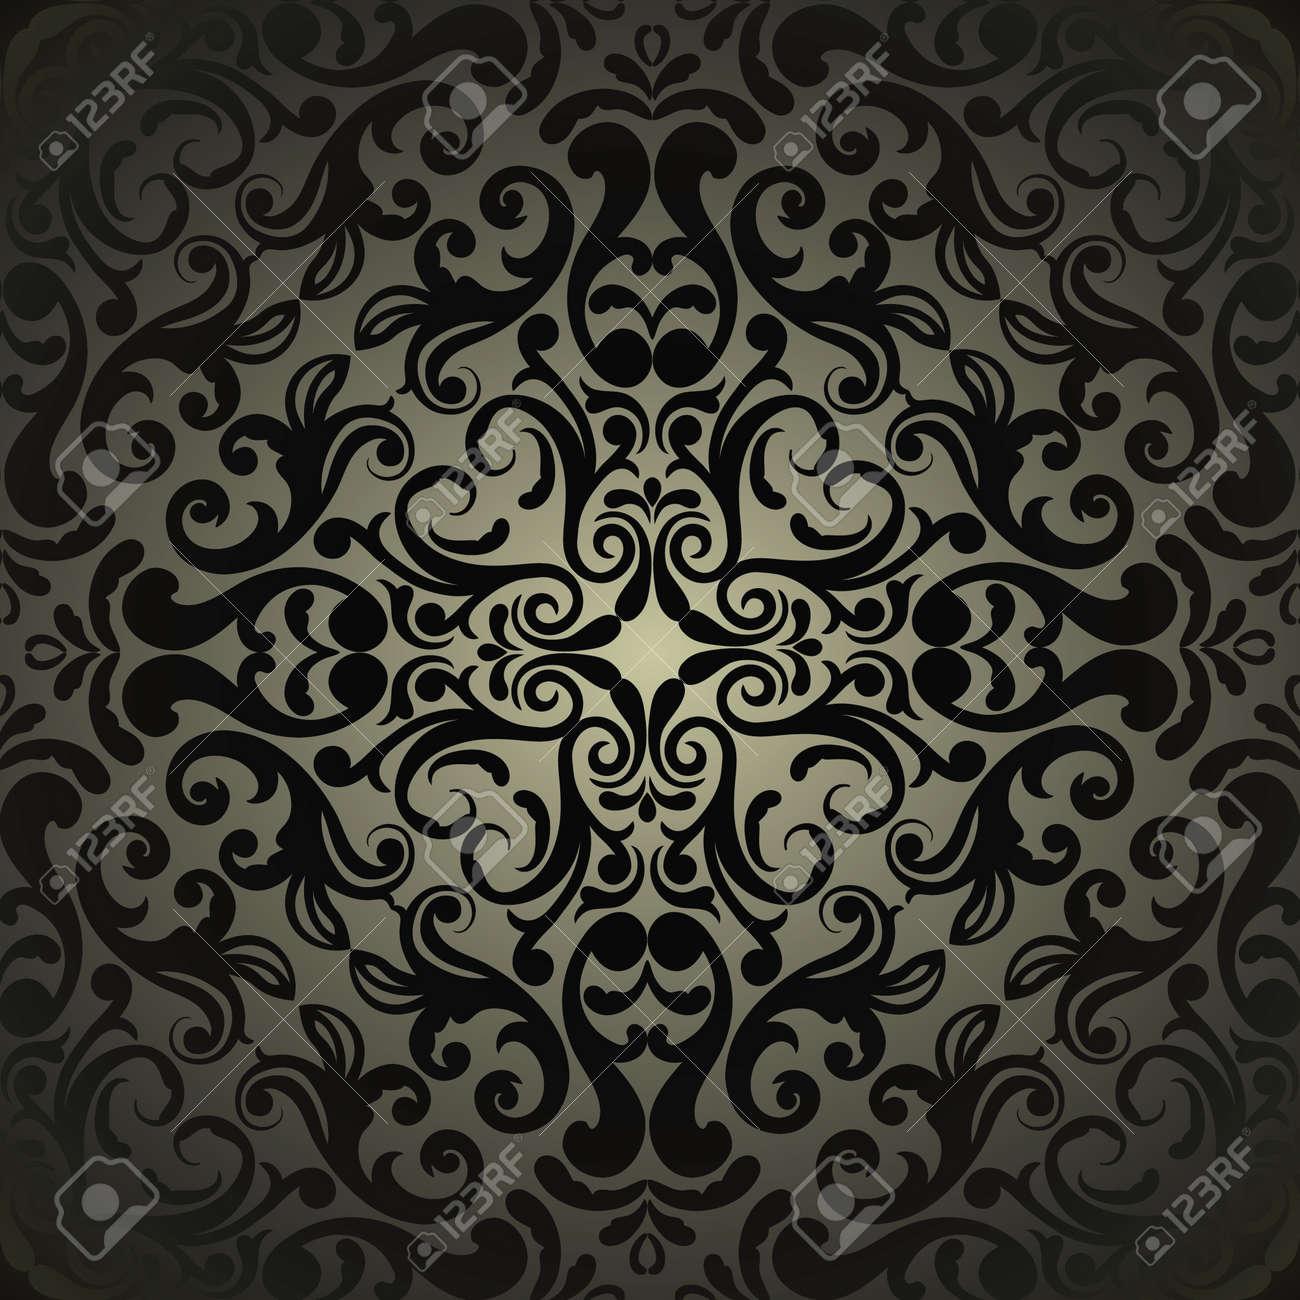 ダマスク織壁紙 ブラック デザインのイラスト素材 ベクタ Image